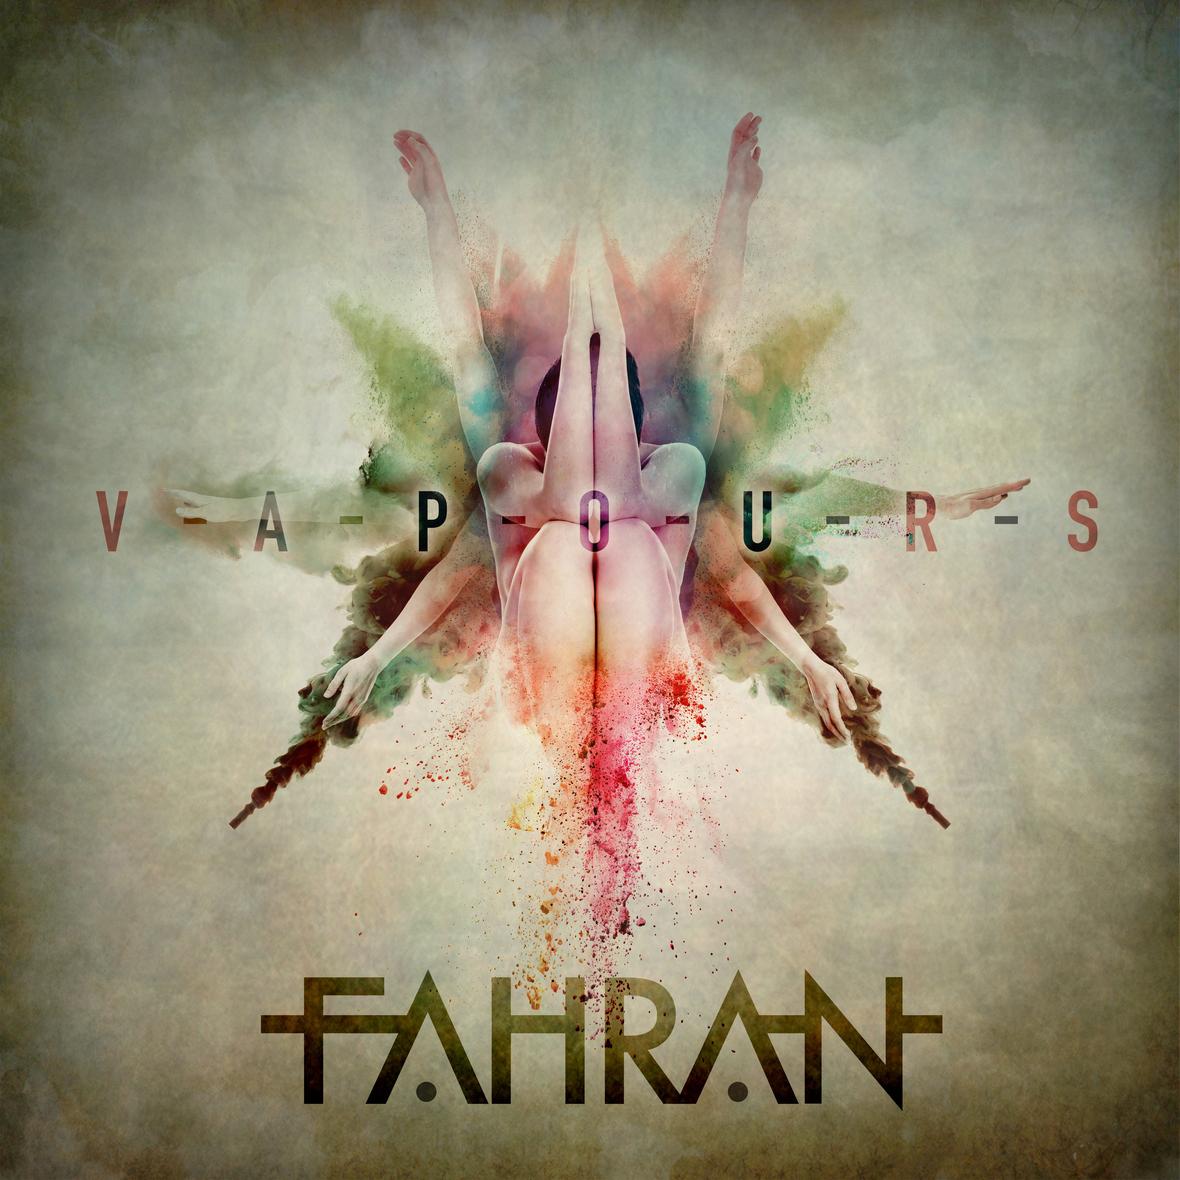 Fahran - Vapours - Album Cover